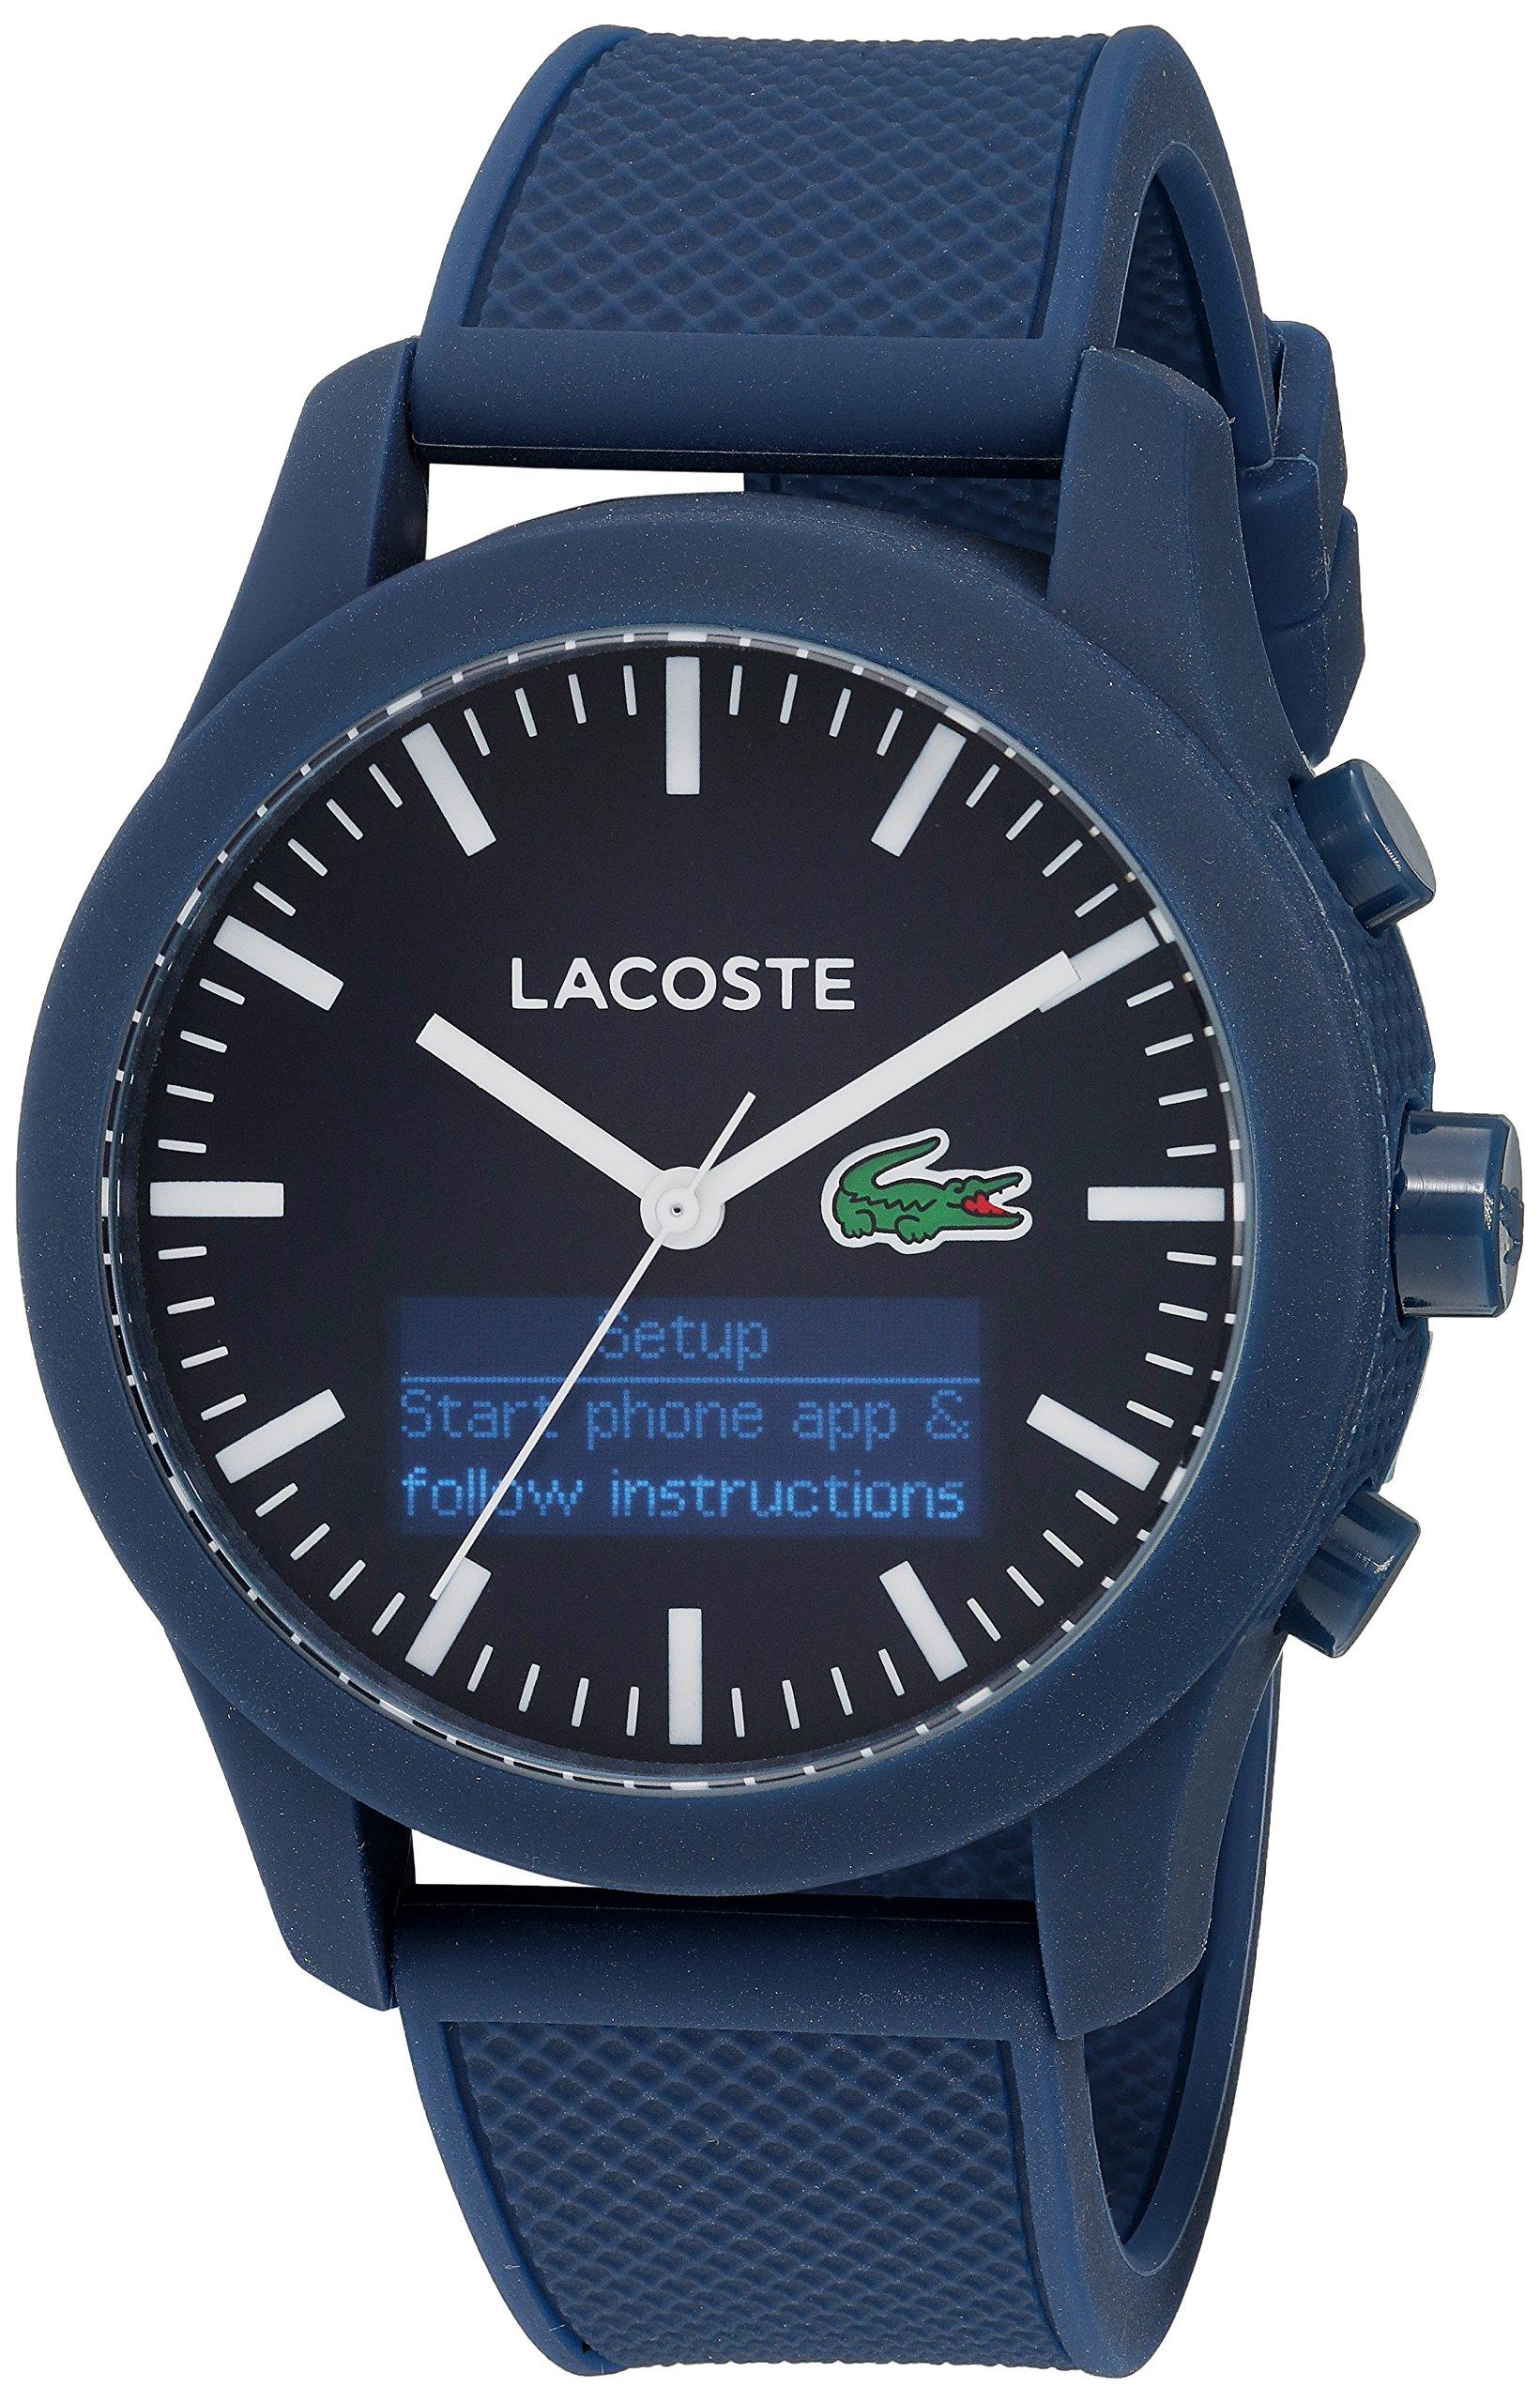 Lacoste Men's '12.12-TECH' Quartz Plastic and Rubber Smart Watch, Color:Blue (Model: 2010882) by Lacoste